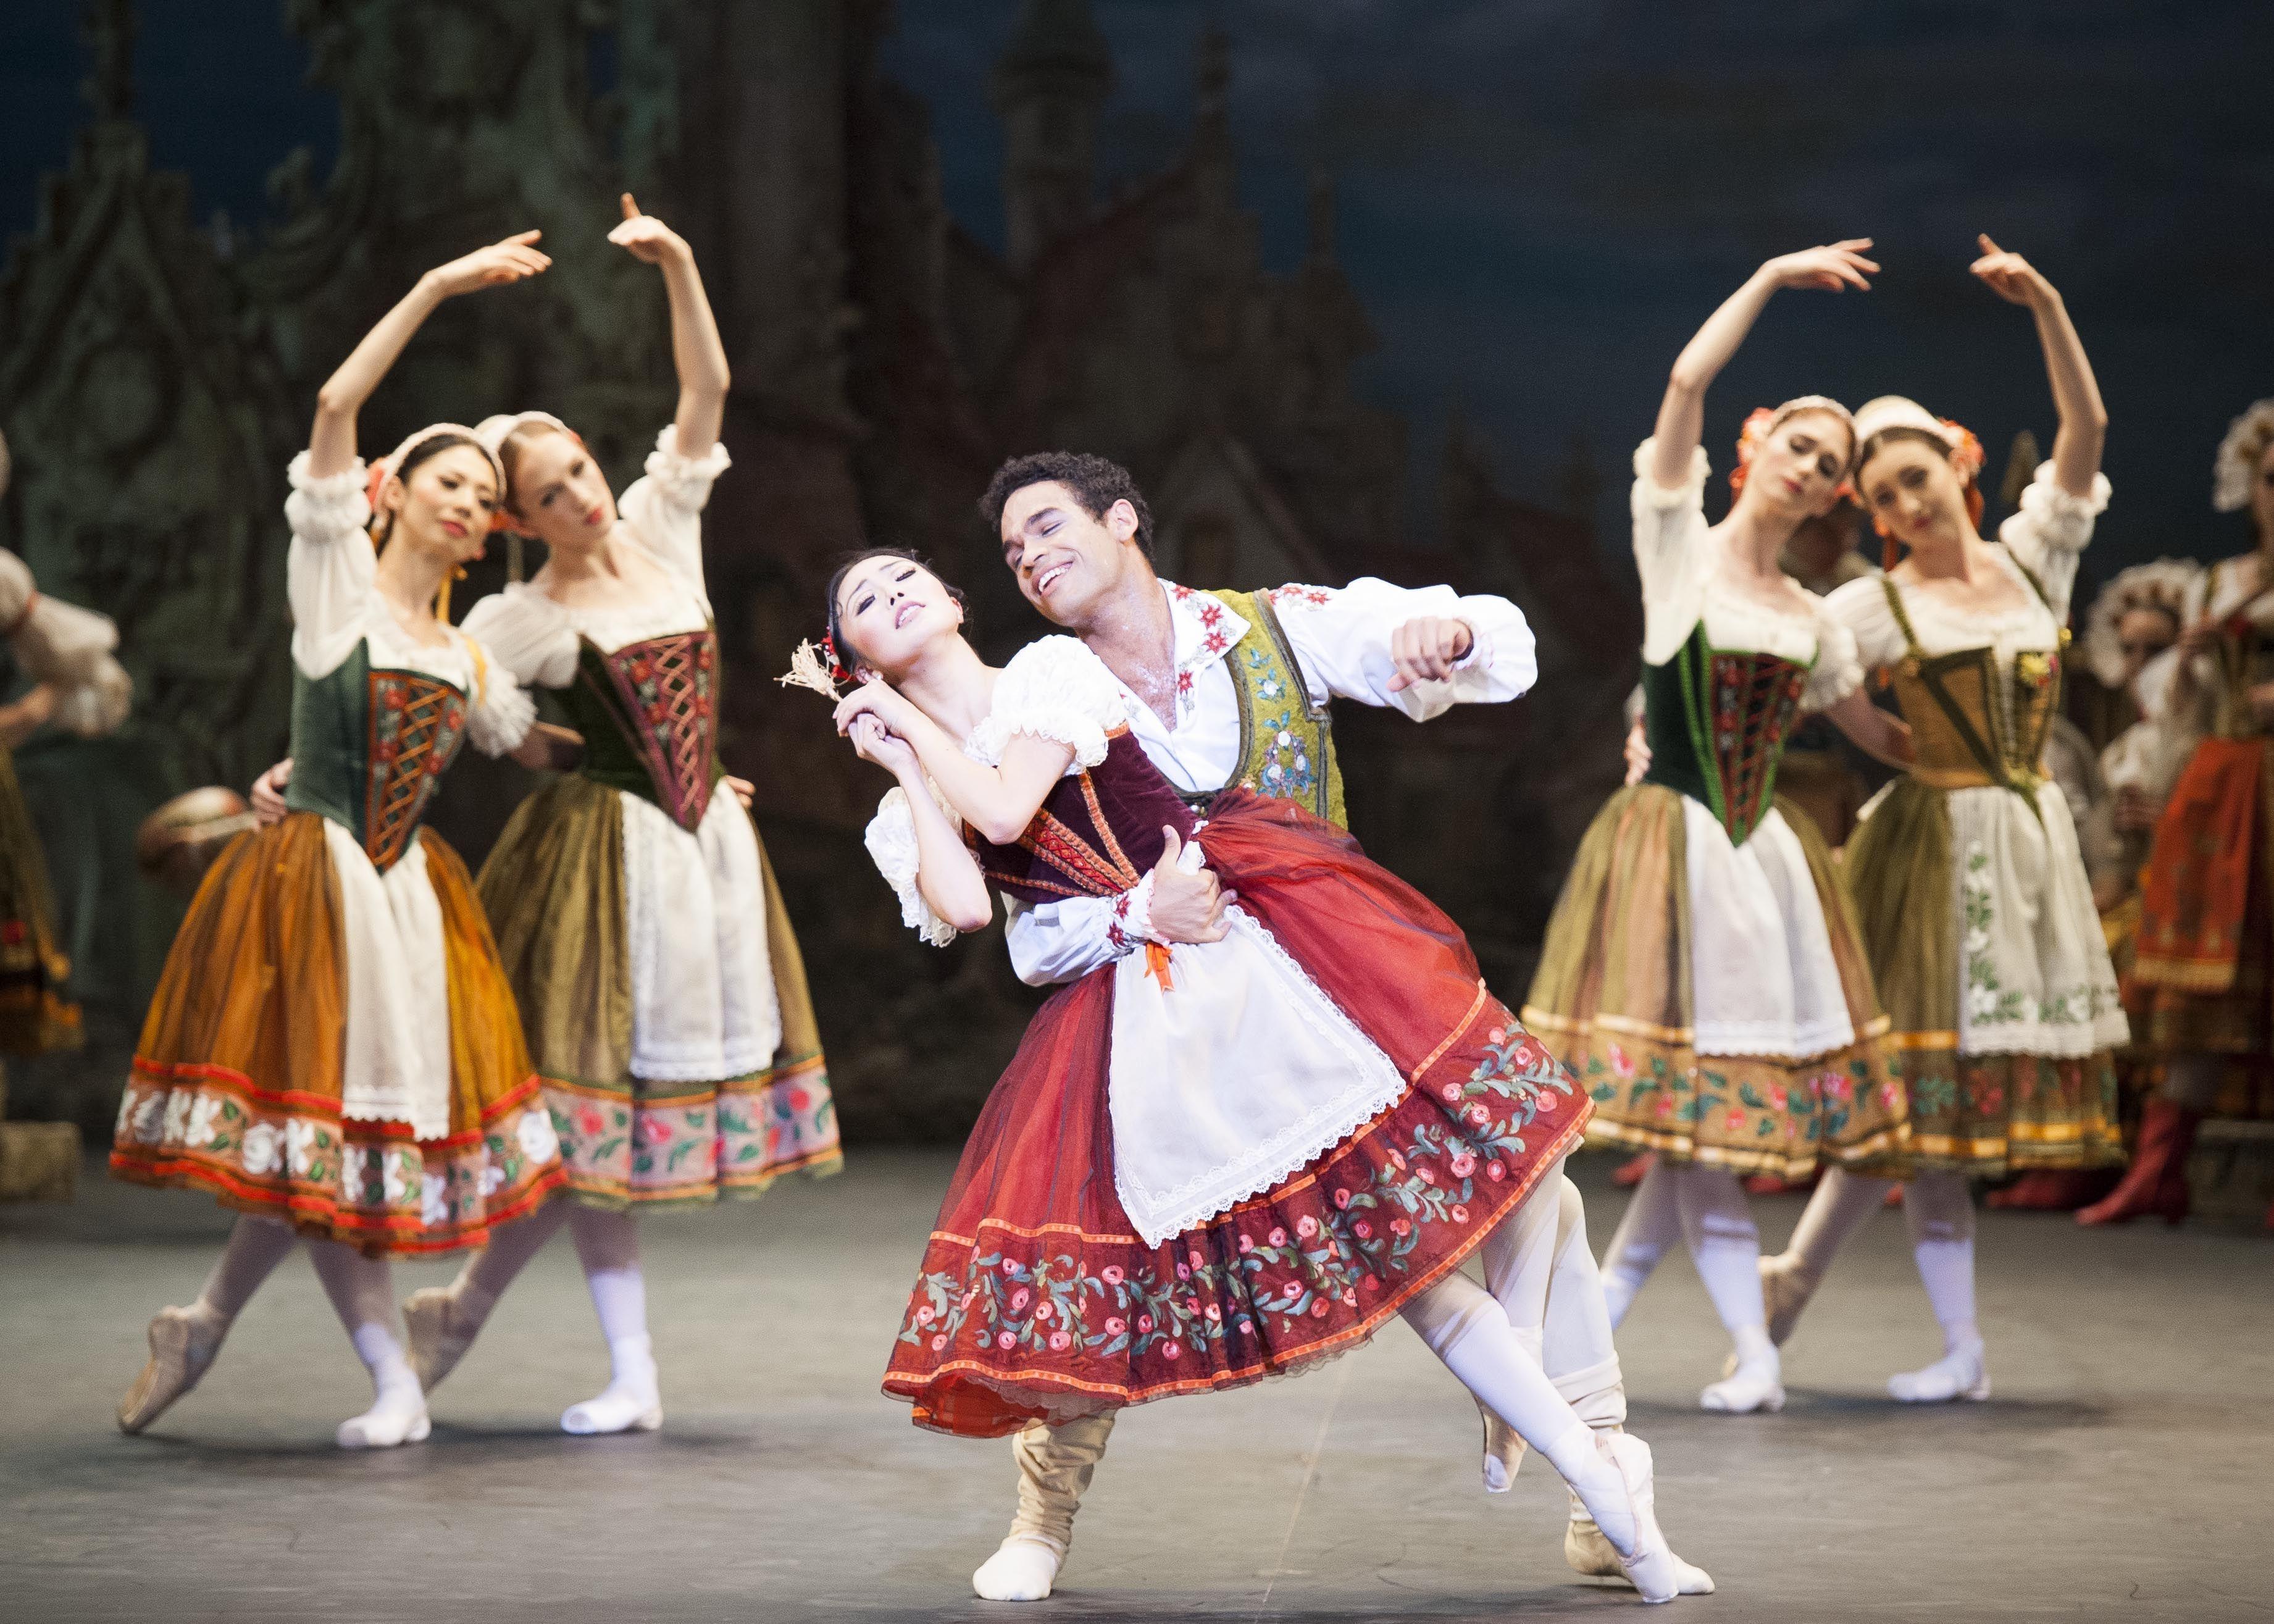 Ballet costume   Ballet costumes, Ballet, Dance costumes